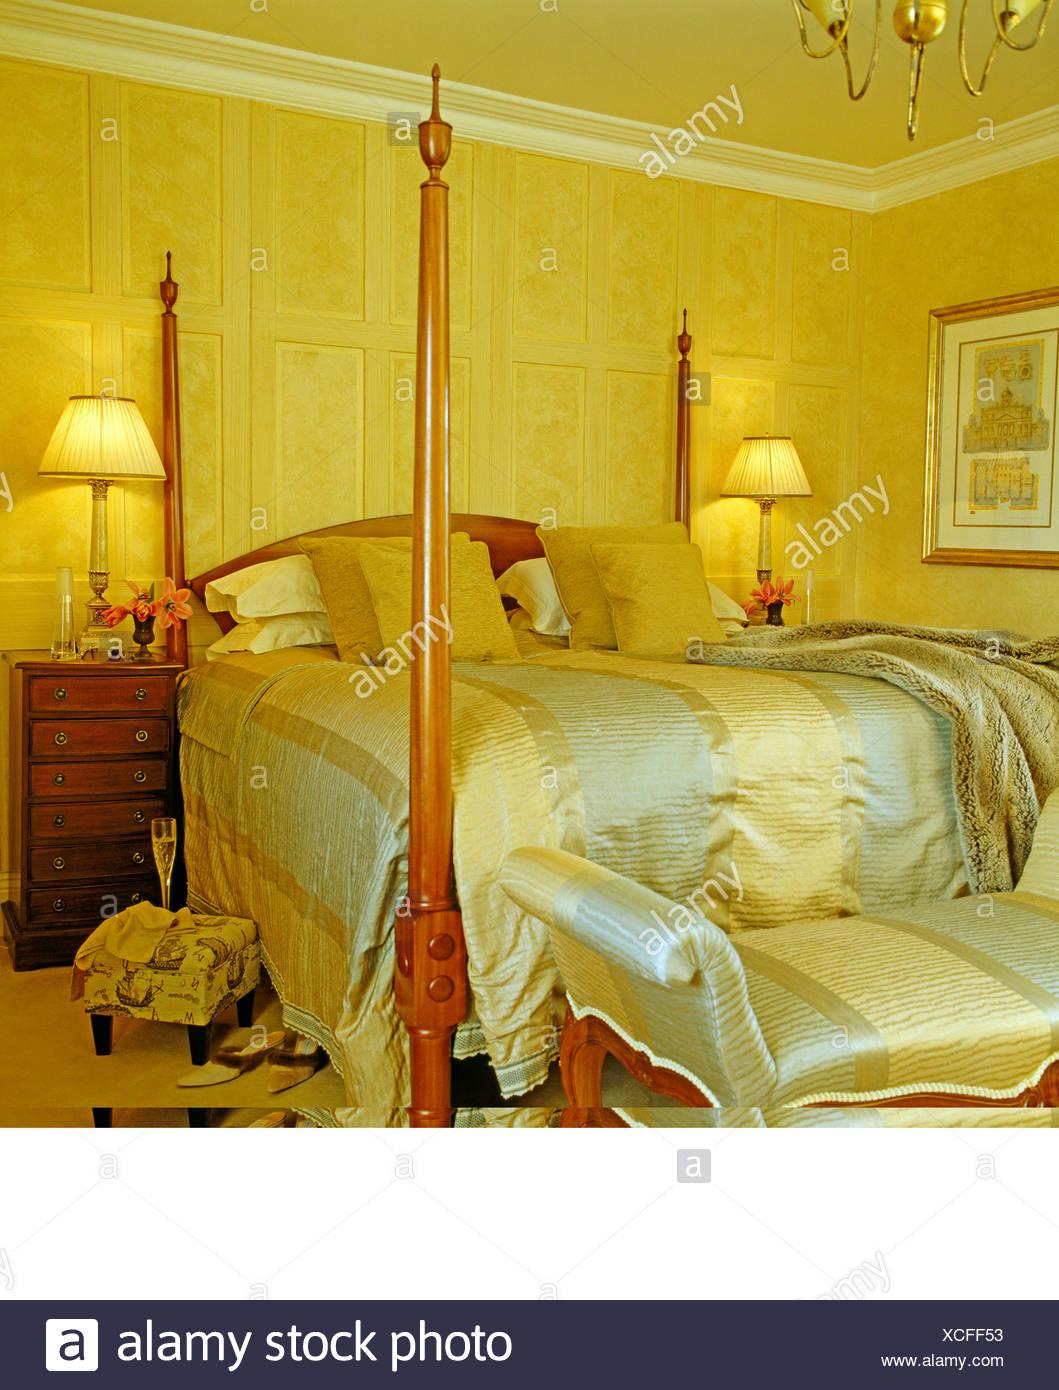 Blass Blau + Creme Gestreiften Seide Gepolsterte Hocker Und Und Passende  Bettdecke Im Bett Im Schlafzimmer Gelb Land Mit Lampen Beleuchtet